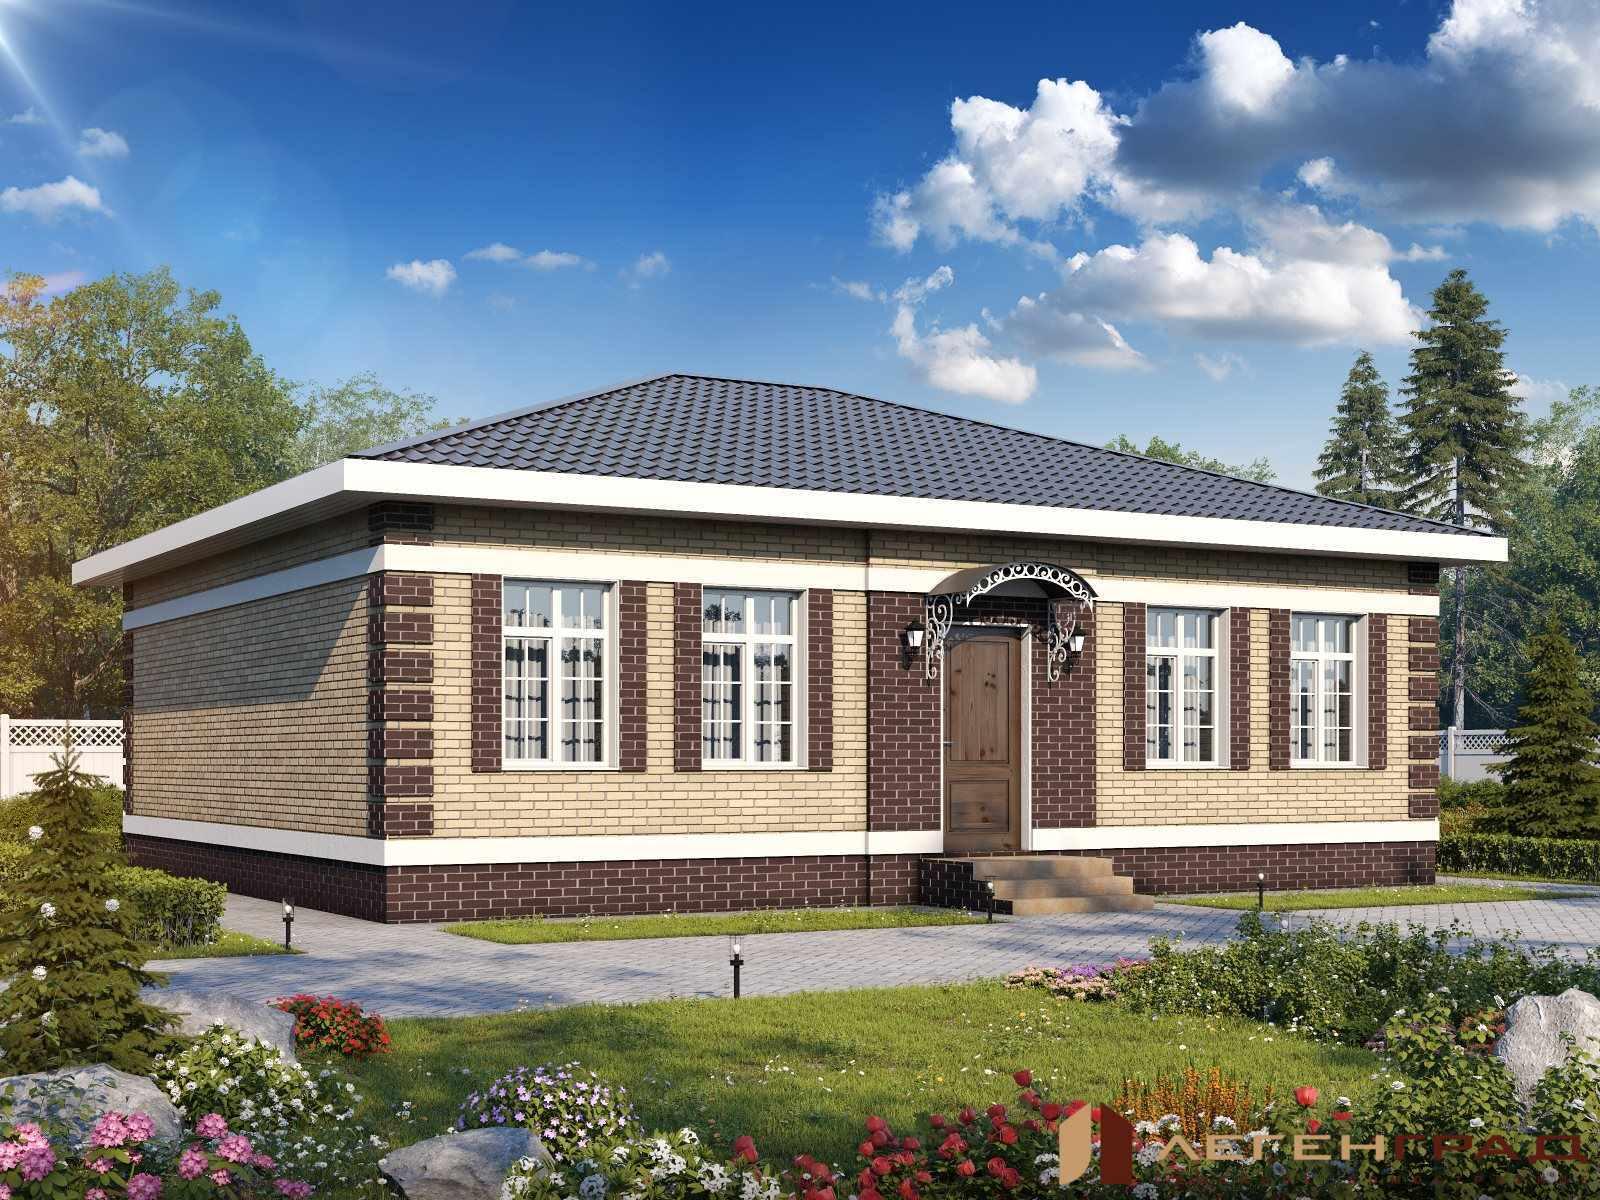 свадебный одноэтажное строительство проекты домов фото отвечаем качество